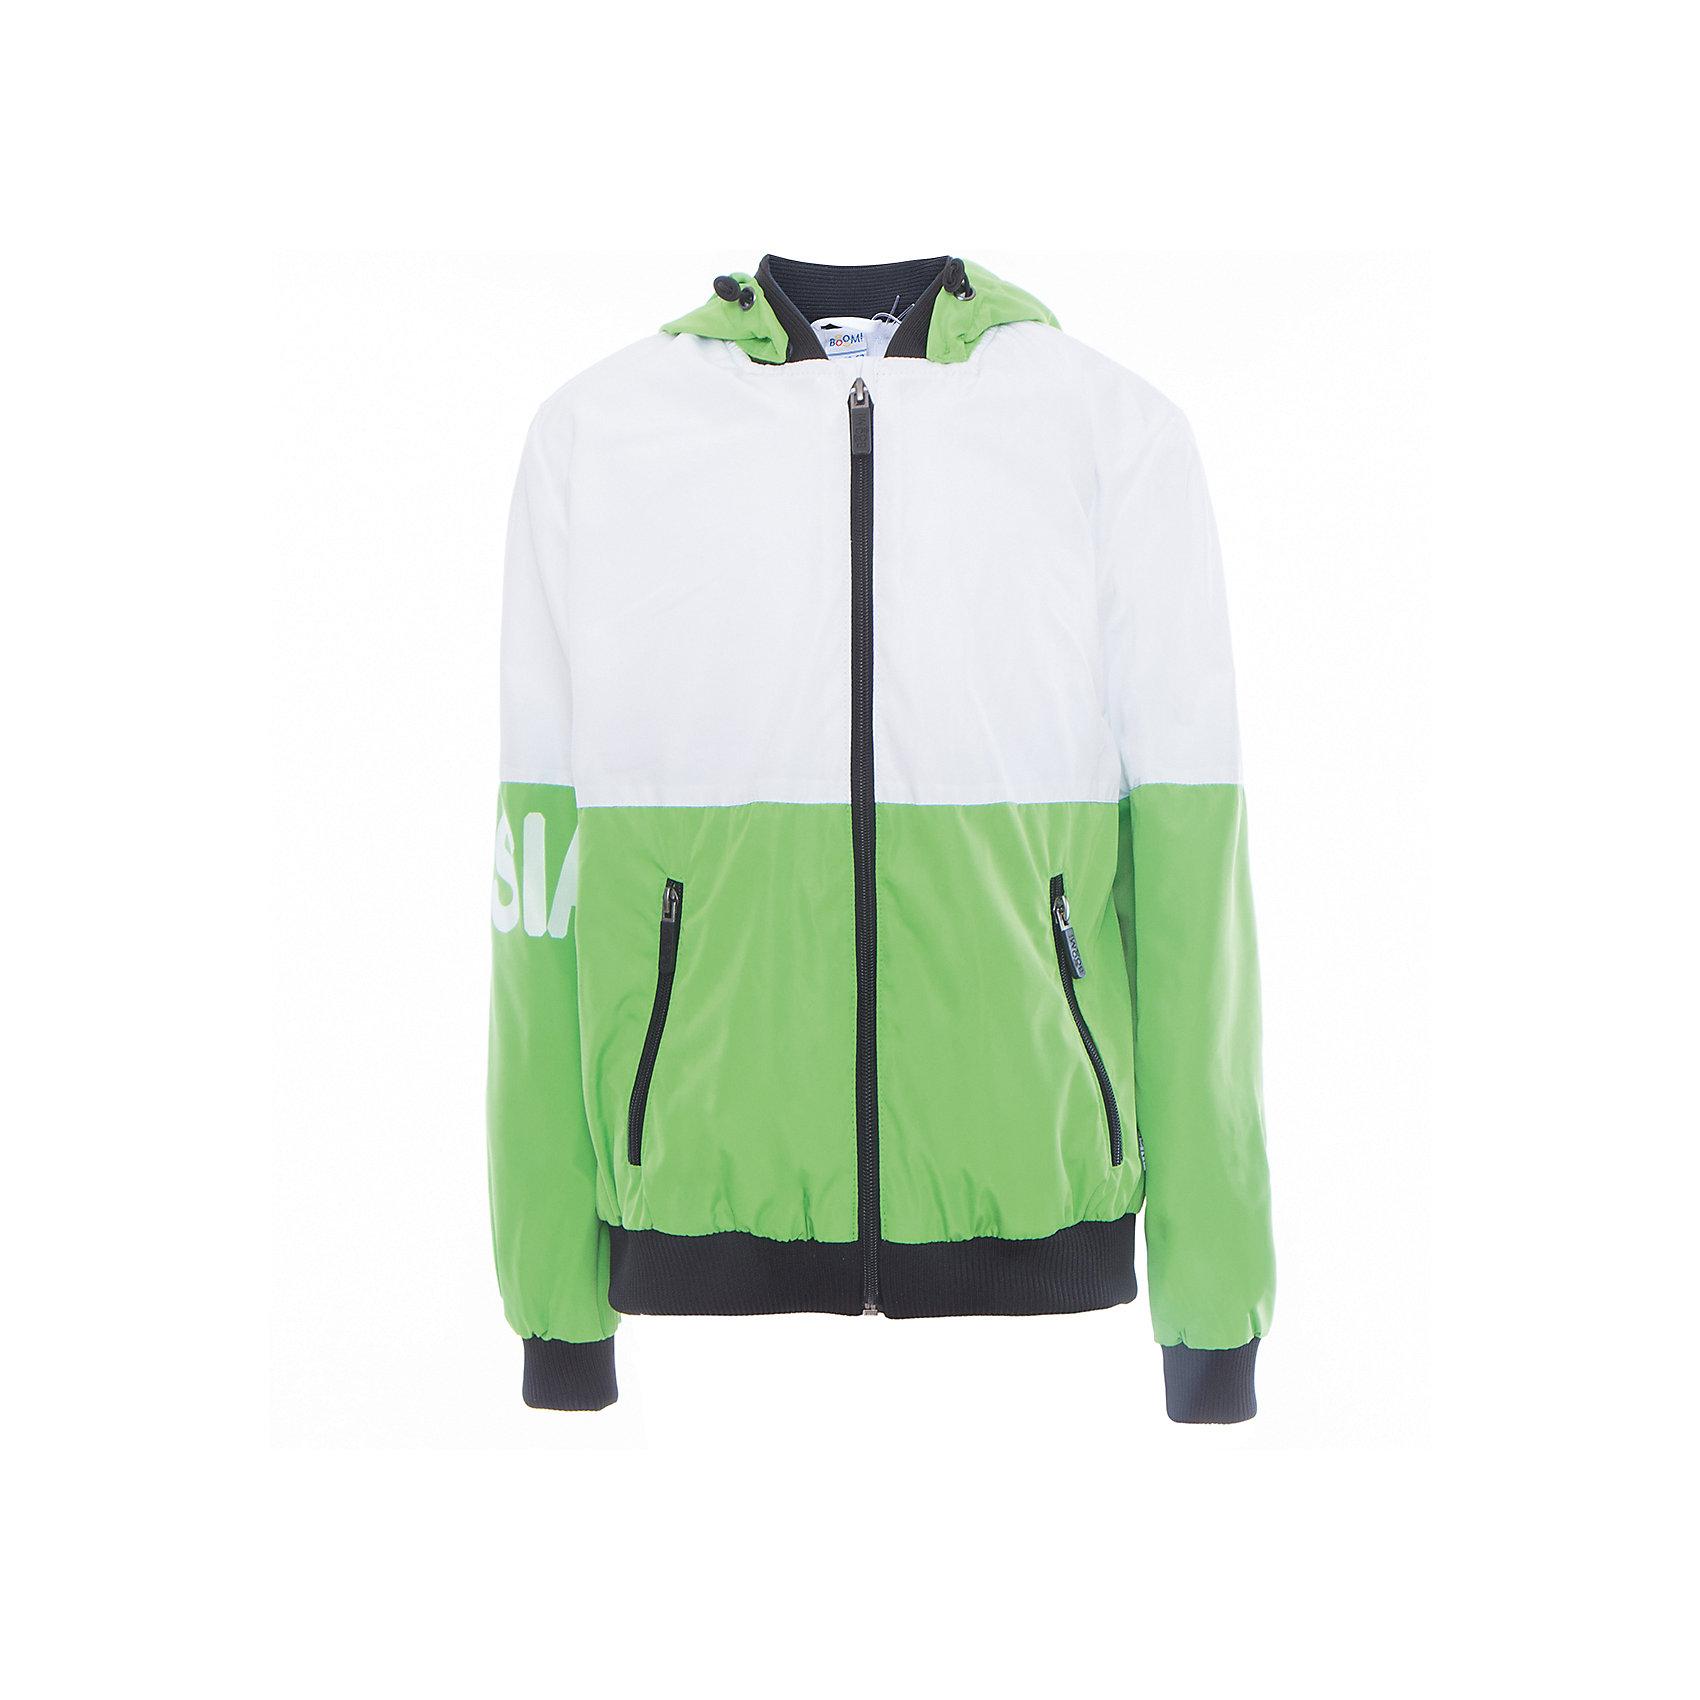 Куртка для мальчика BOOM by OrbyВерхняя одежда<br>Характеристики товара:<br><br>• цвет: зелёный<br>• состав: верх - Pronto pu, подкладка - полиэстер, флис, без утеплителя<br>• температурный режим: от +5°до +15°С<br>• демисезон<br>• капюшон<br>• застежка - молния<br>• эластичные манжеты<br>• принт<br>• карманы<br>• комфортная посадка<br>• страна производства: Российская Федерация<br>• страна бренда: Российская Федерация<br>• коллекция: весна-лето 2017<br><br>Такая куртка - универсальный вариант для теплого межсезонья с постоянно меняющейся погодой. Эта модель - модная и удобная одновременно! Изделие отличается стильным ярким дизайном. Куртка хорошо сидит по фигуре, отлично сочетается с различным низом. Вещь была разработана специально для детей.<br><br>Куртку для мальчика для девочки от бренда BOOM by Orby можно купить в нашем интернет-магазине.<br><br>Ширина мм: 356<br>Глубина мм: 10<br>Высота мм: 245<br>Вес г: 519<br>Цвет: зеленый<br>Возраст от месяцев: 144<br>Возраст до месяцев: 156<br>Пол: Мужской<br>Возраст: Детский<br>Размер: 140,146,152,158,104,110,98,116,122,128,134<br>SKU: 5342898